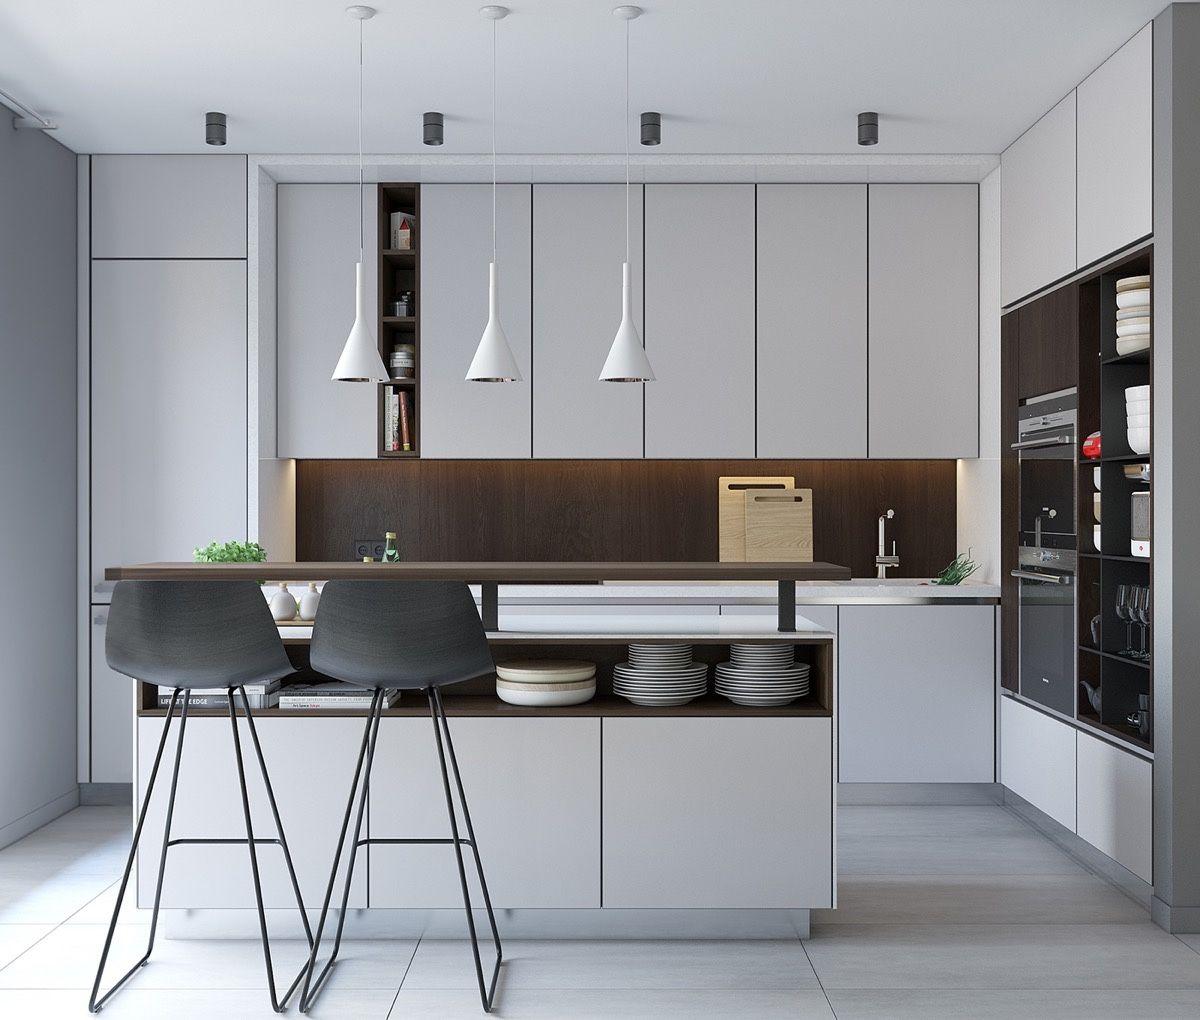 چطور بهترین چیدمان را در آشپزخانه داشته باشیم؟